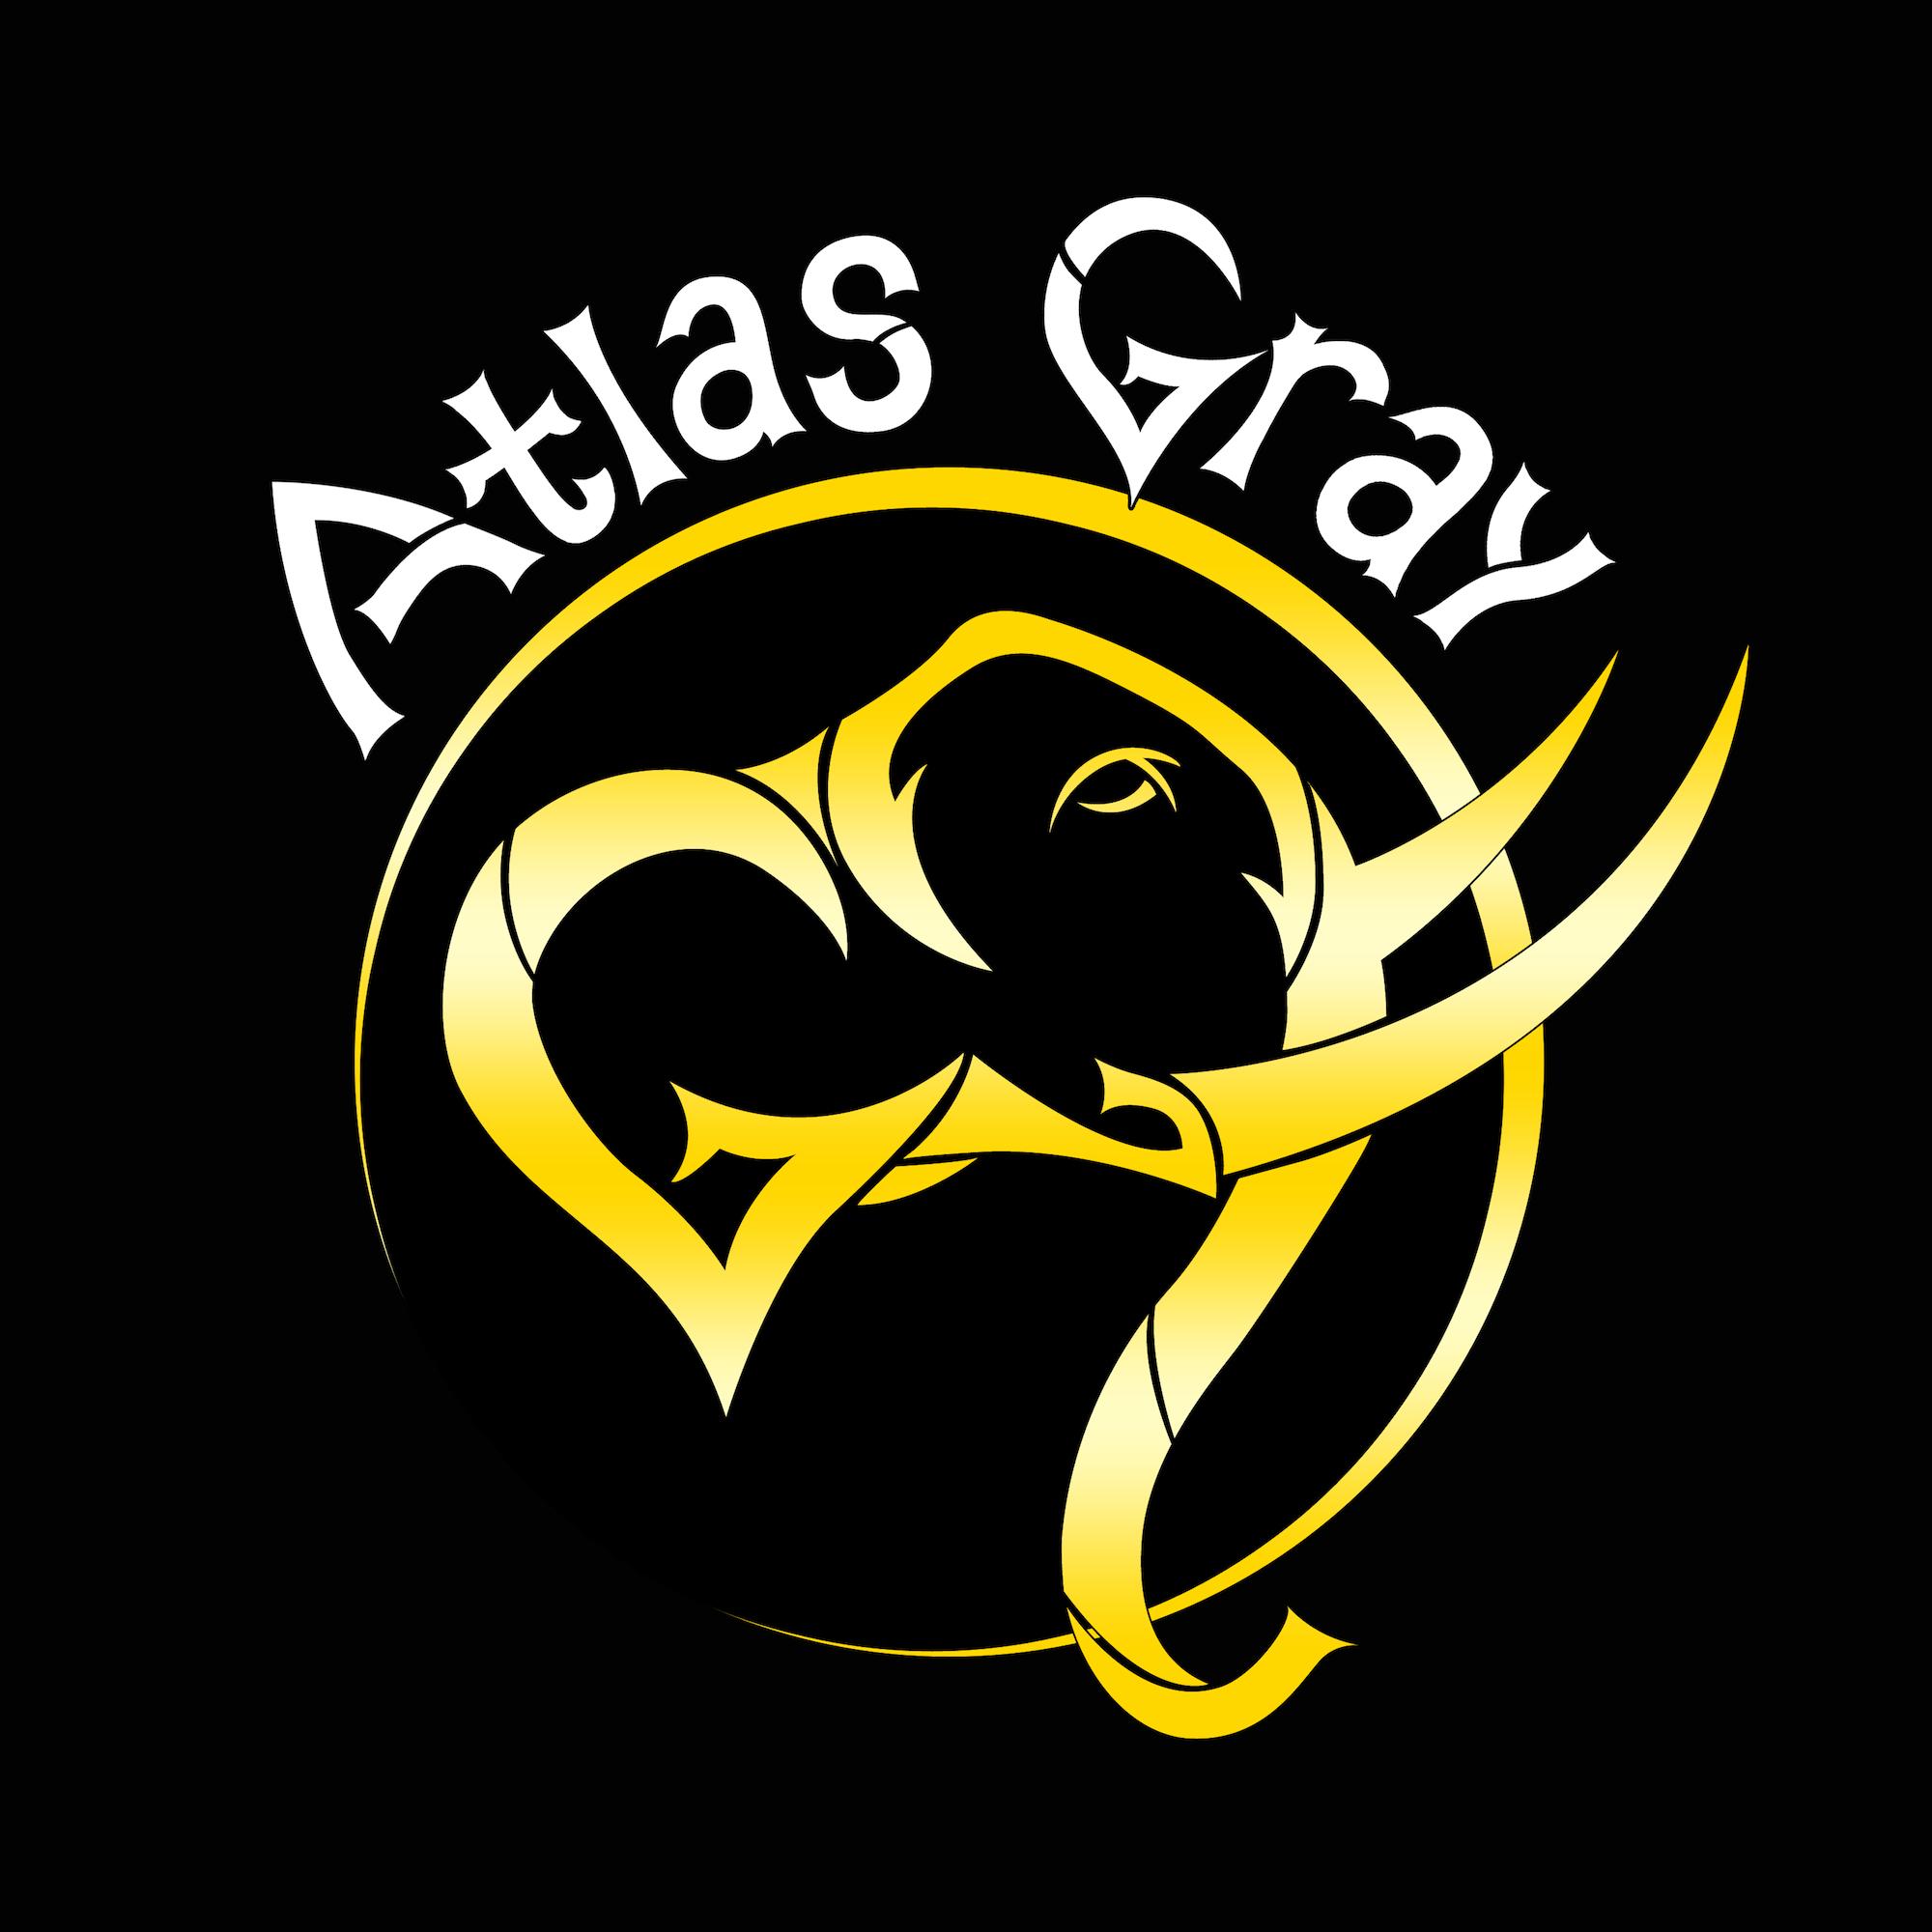 92d6364fce3a-Atlas_Gray_Logo_1.jpg